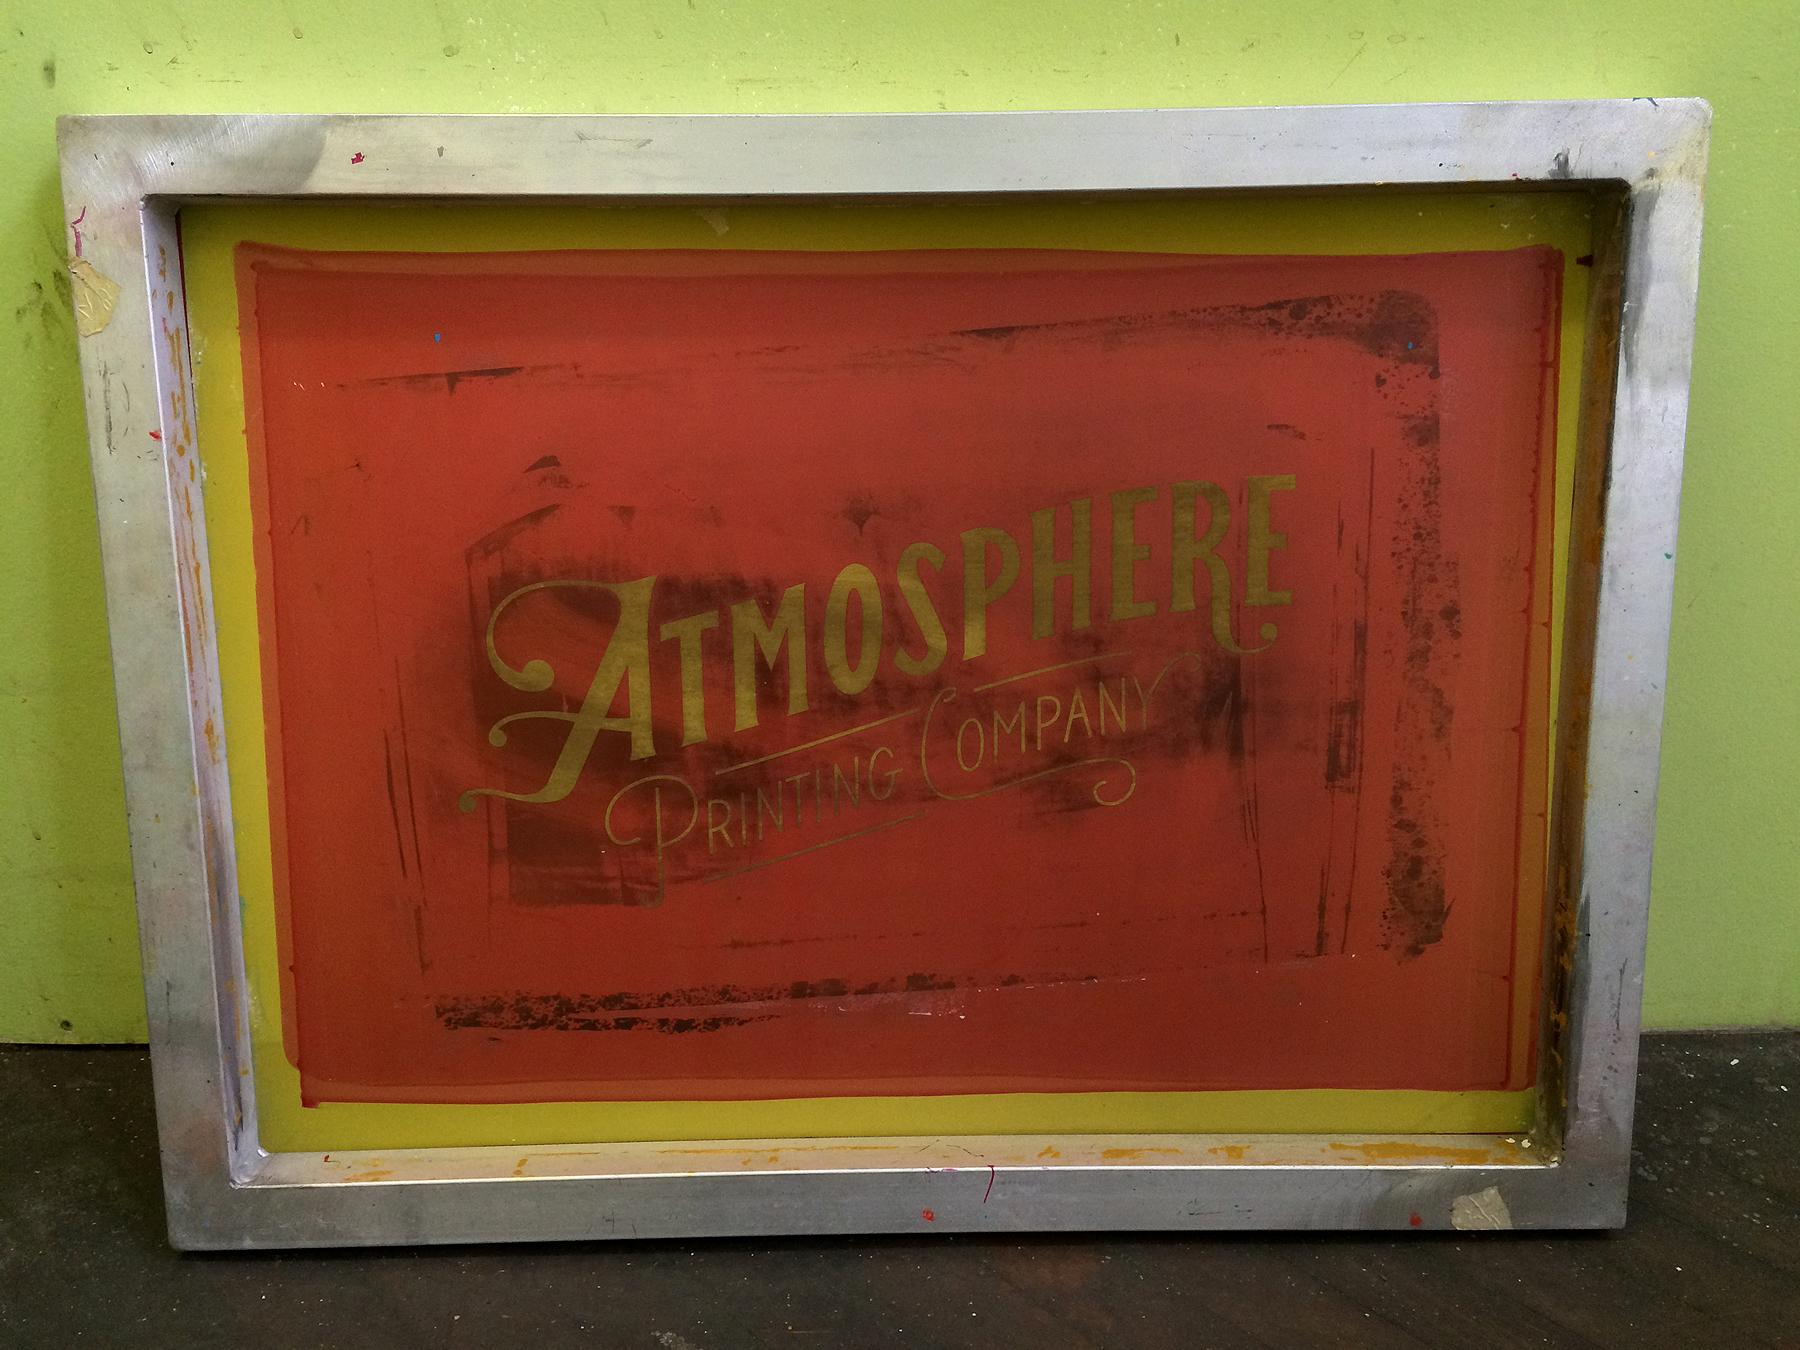 atmosphere_screenprinting_frame.jpg